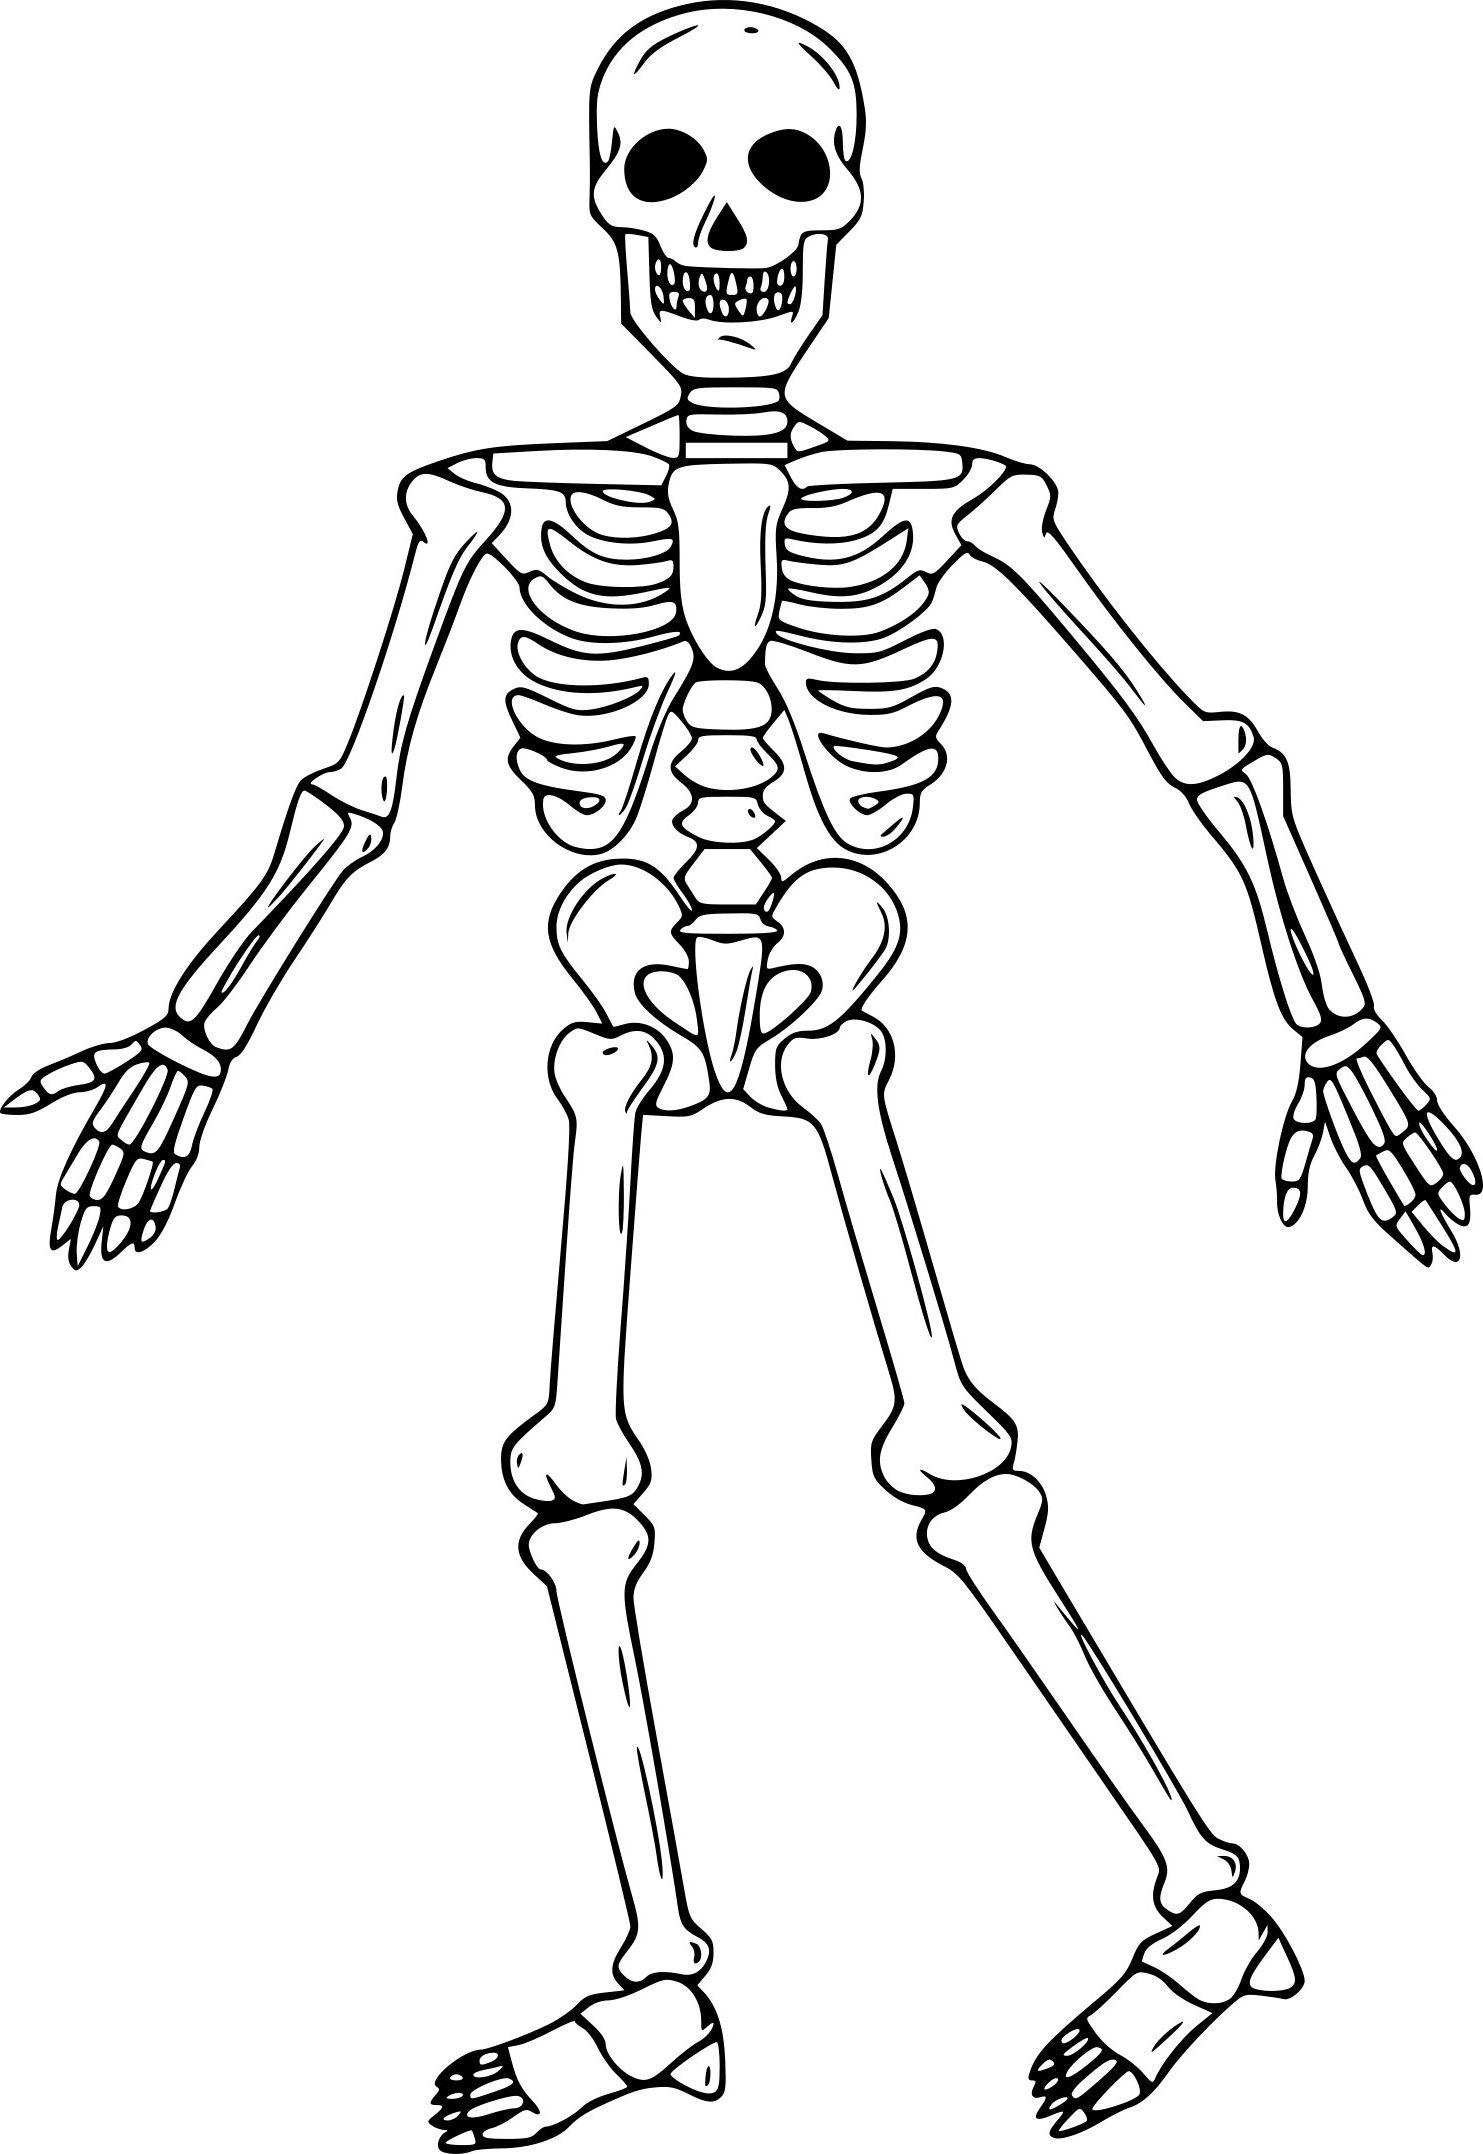 12 Nouveau De Coloriage Squelette Image Coloriage Squelette Image Coloriage Coloriage Halloween